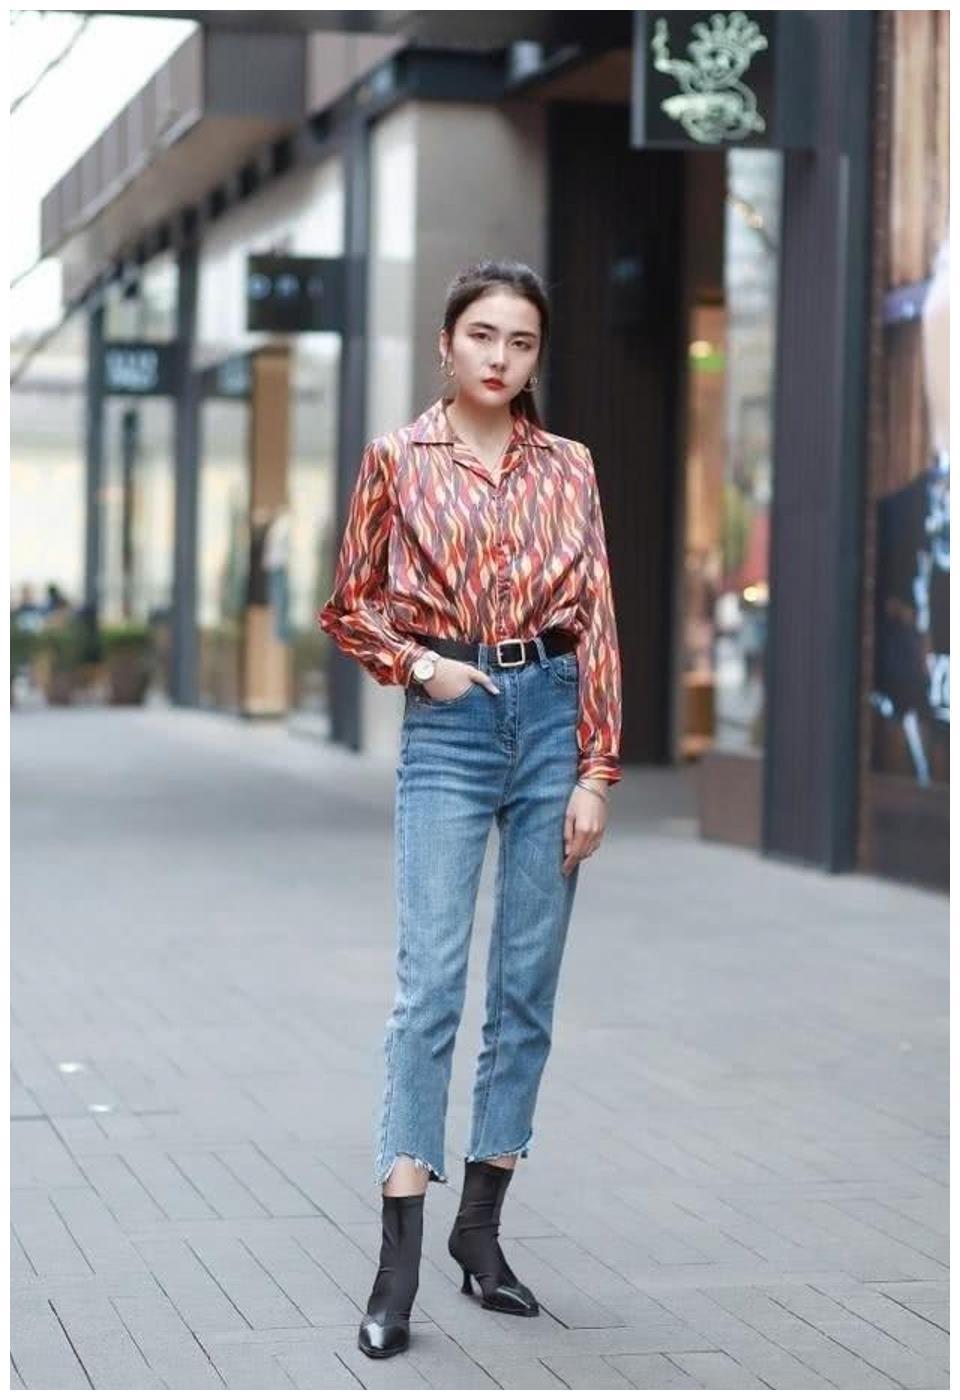 时尚牛仔裤,搭配休闲又时髦的衬衫,整体看上去时髦新潮魅力十足